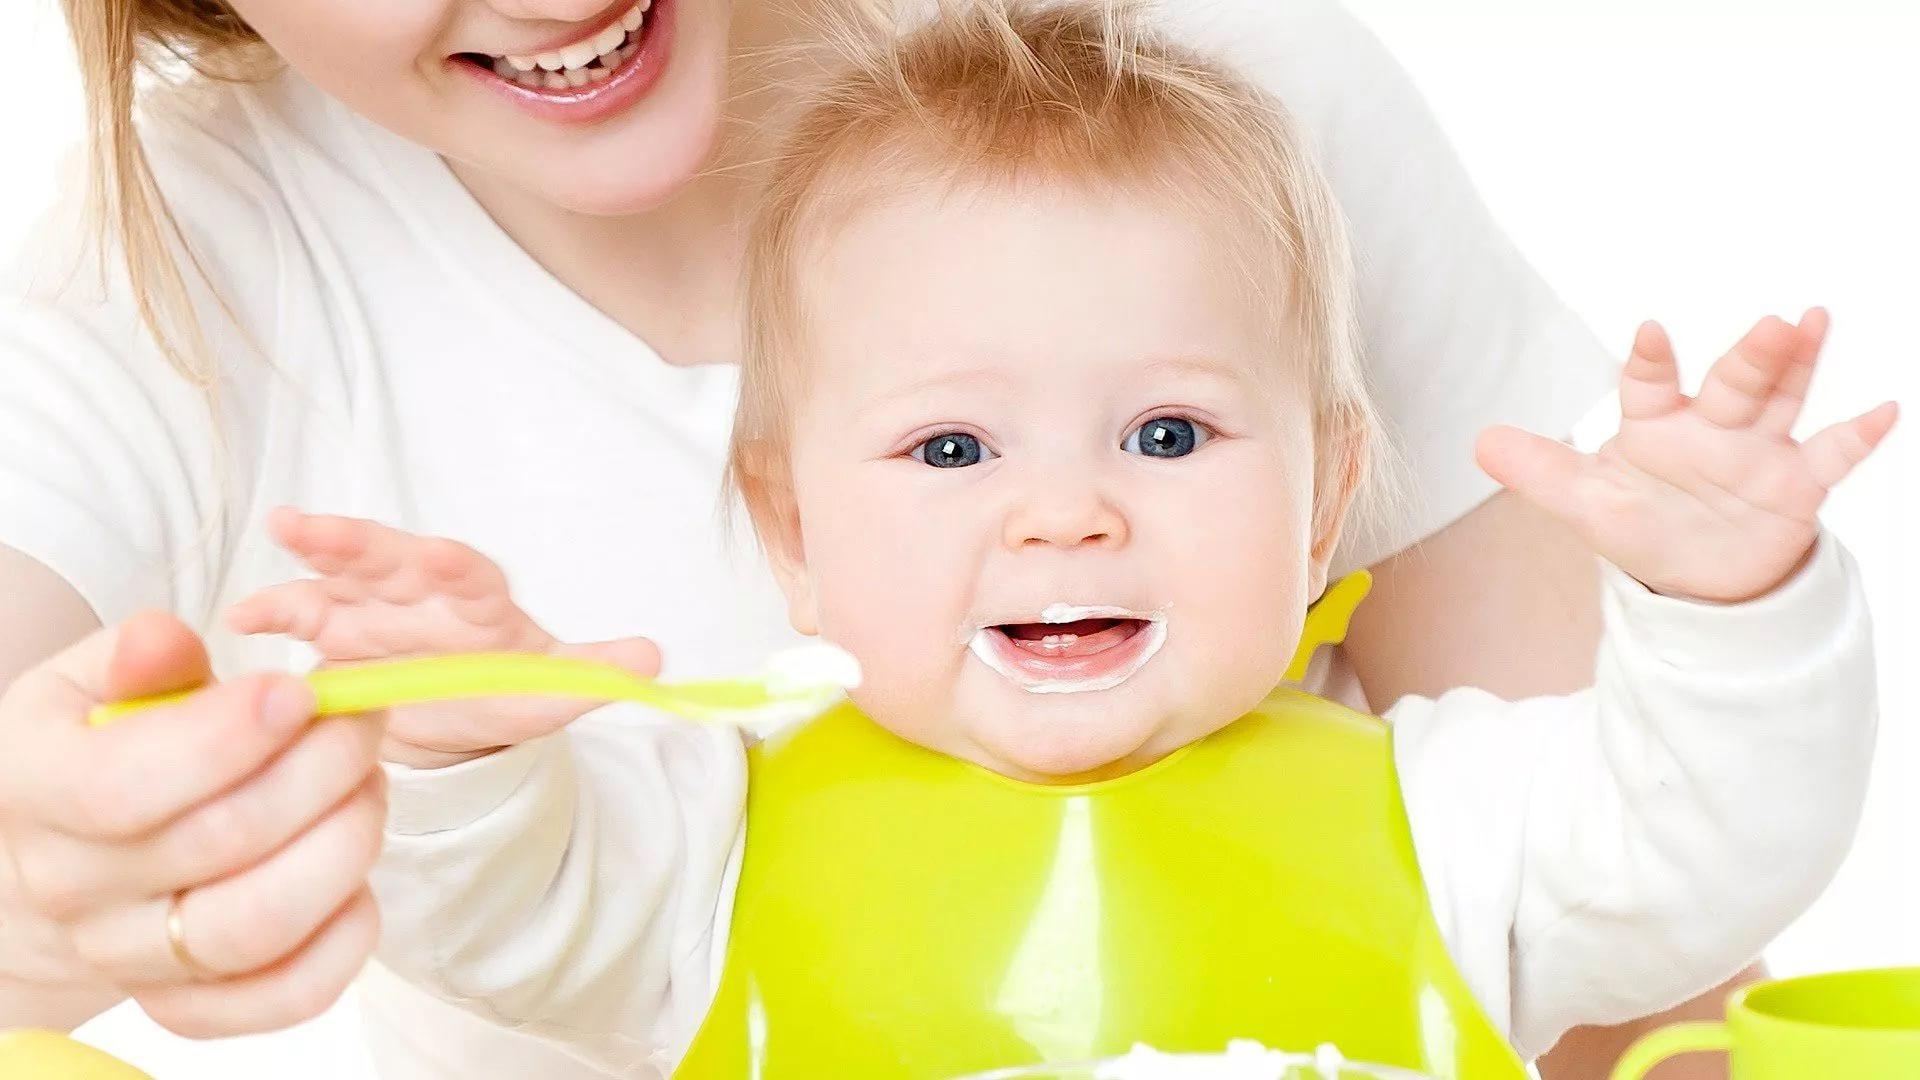 Ввод прикорма ребенку. Педагогический прикорм